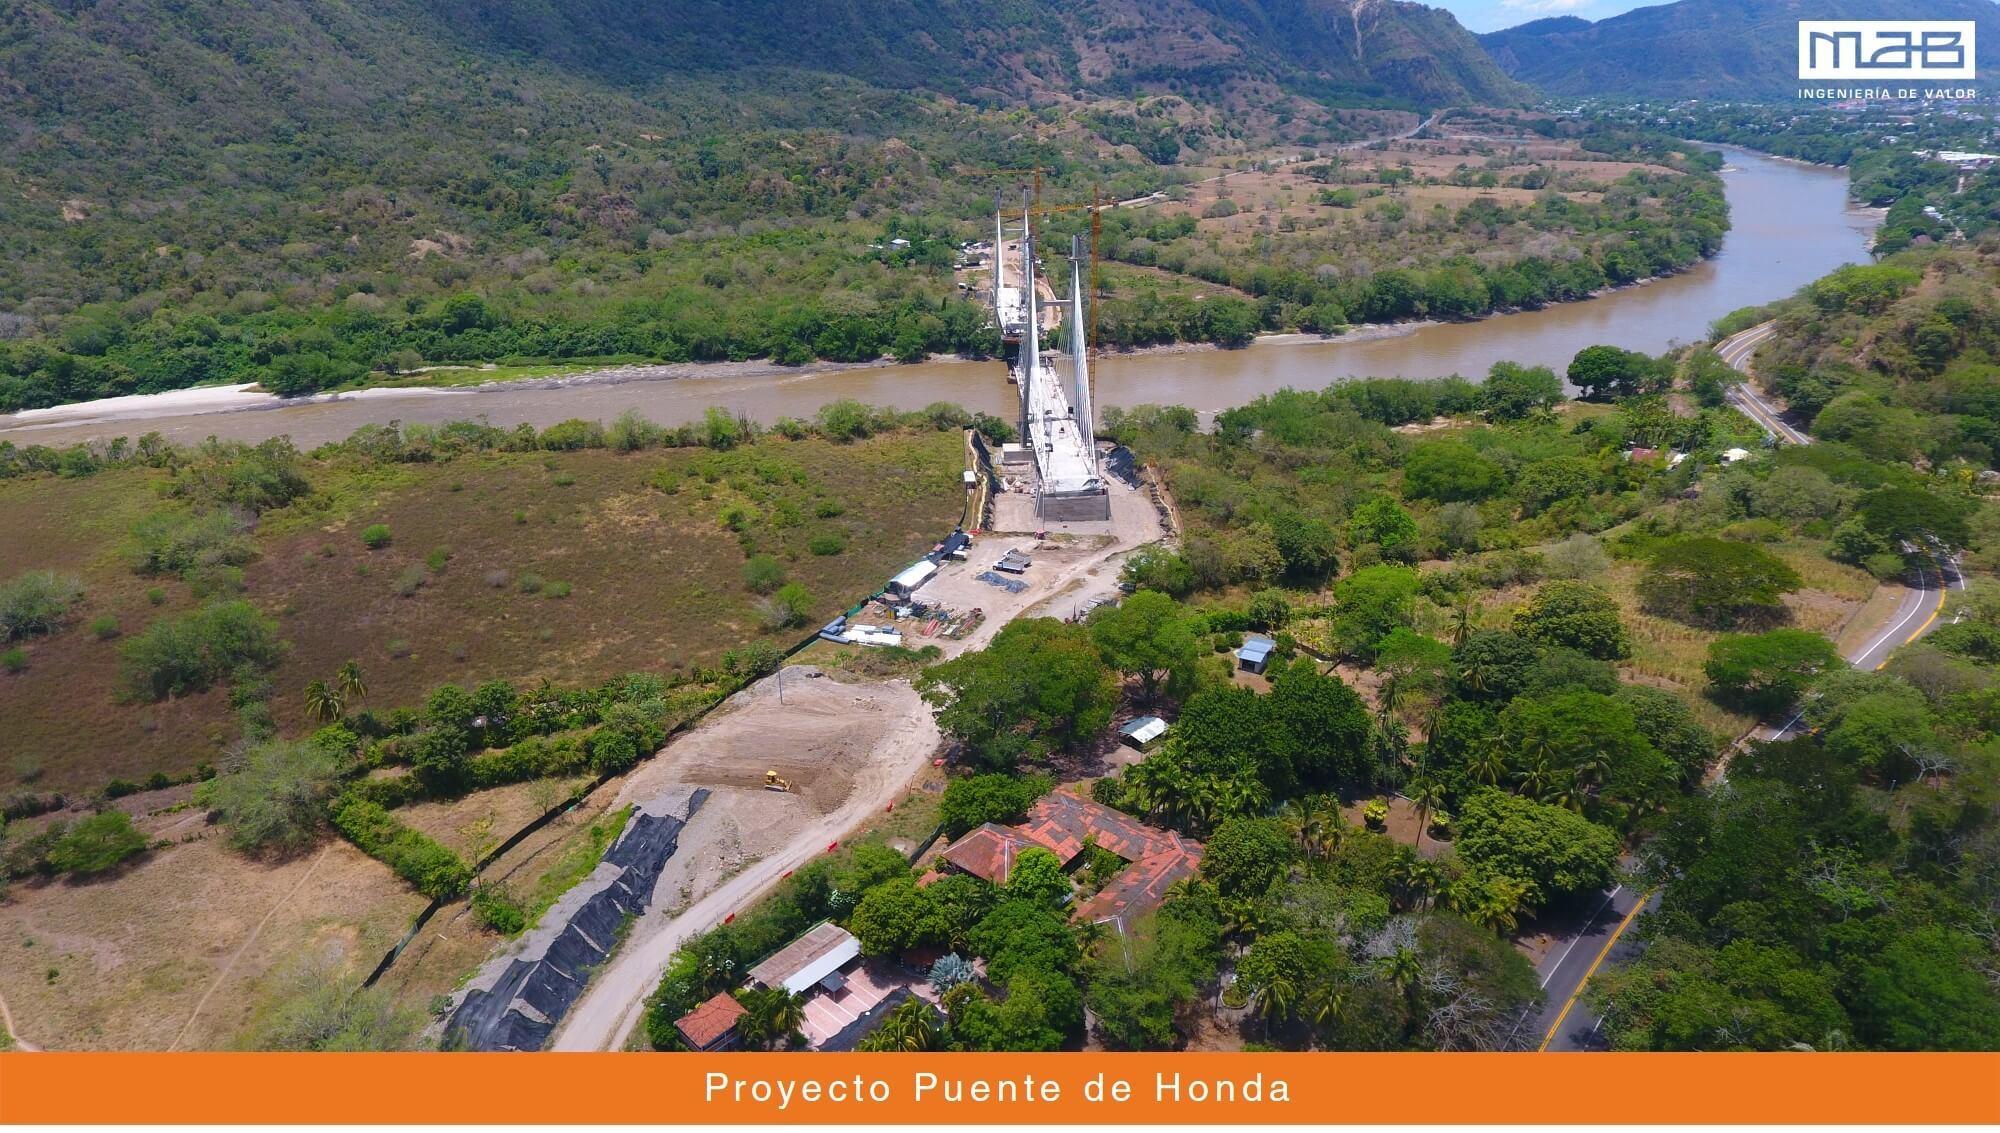 Puente de Honda, avanza en pasos de gigante.